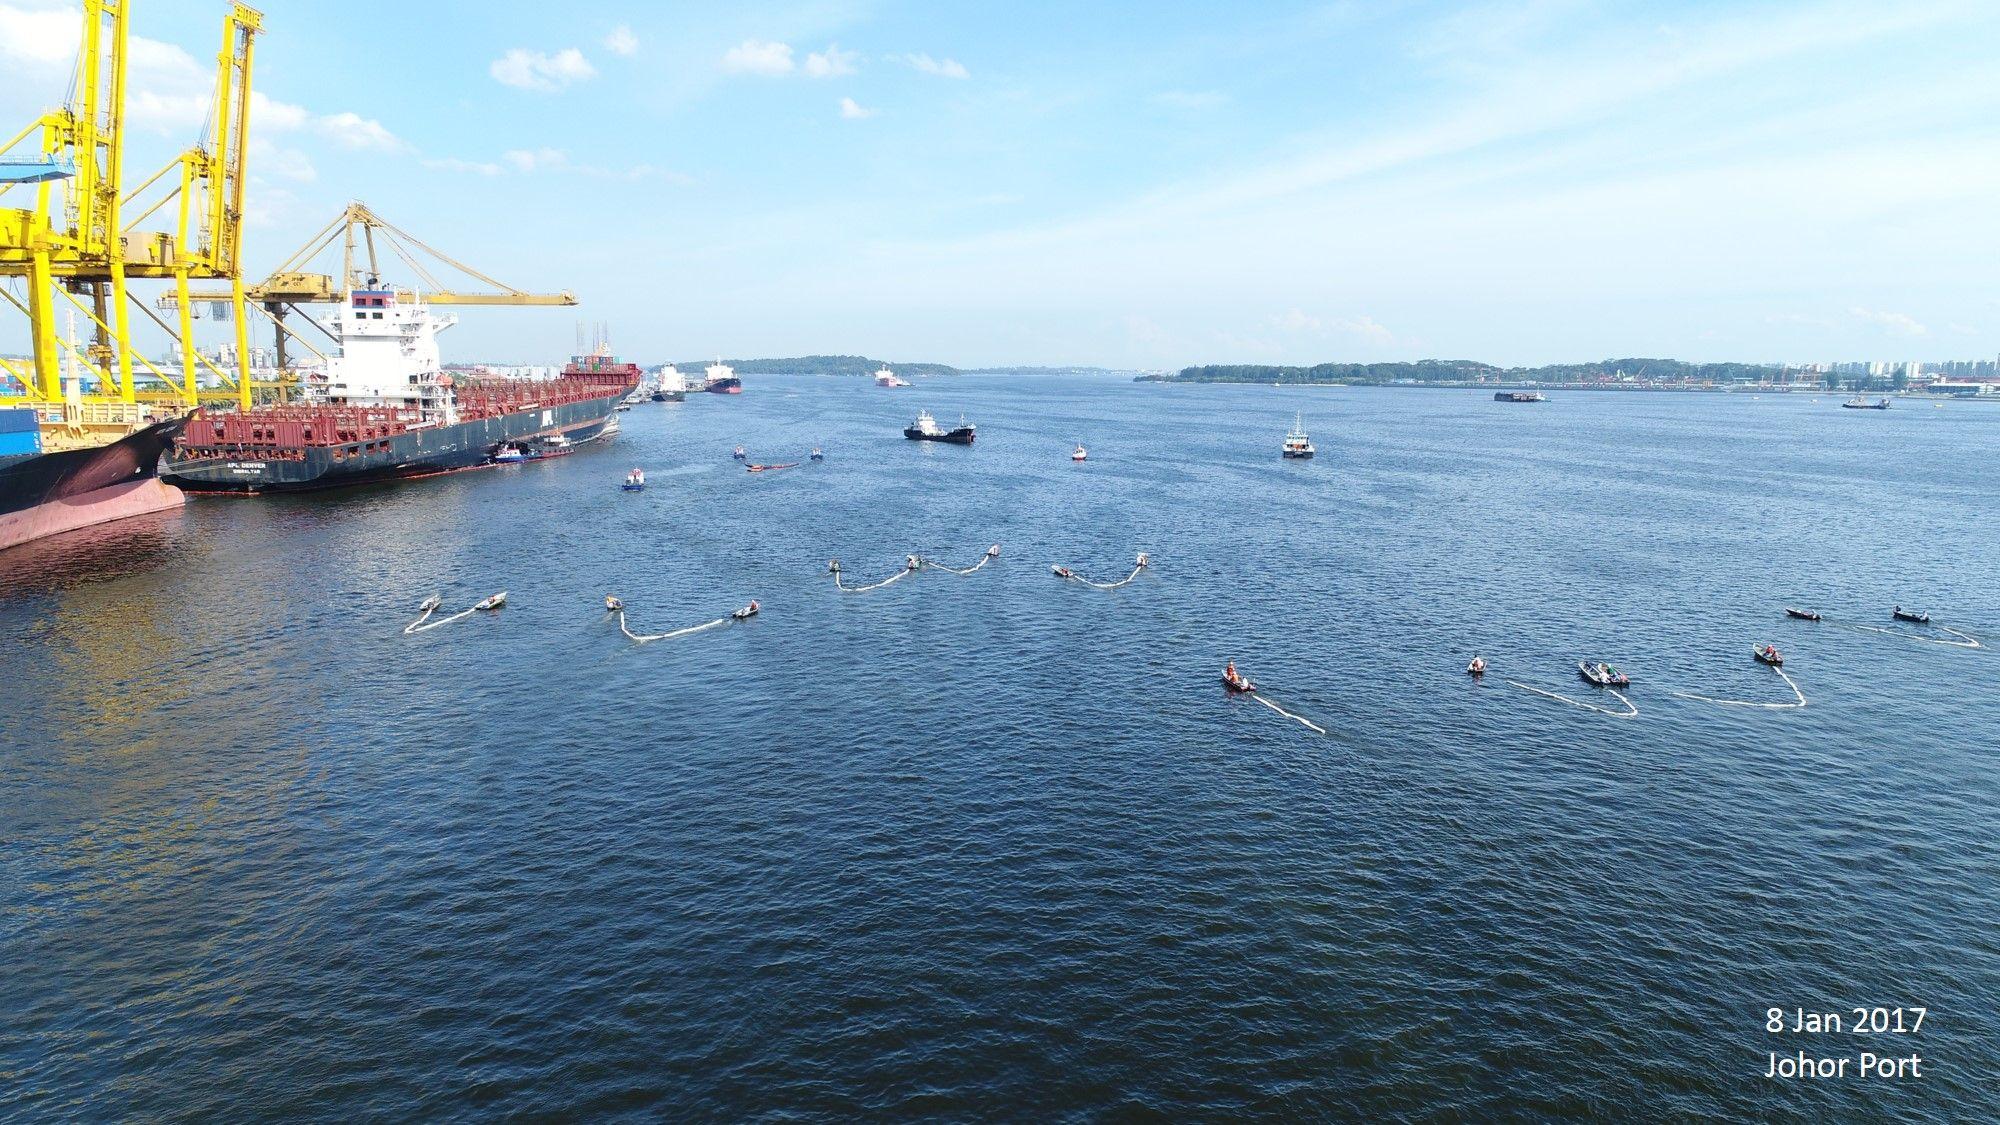 Johor Port.jpg